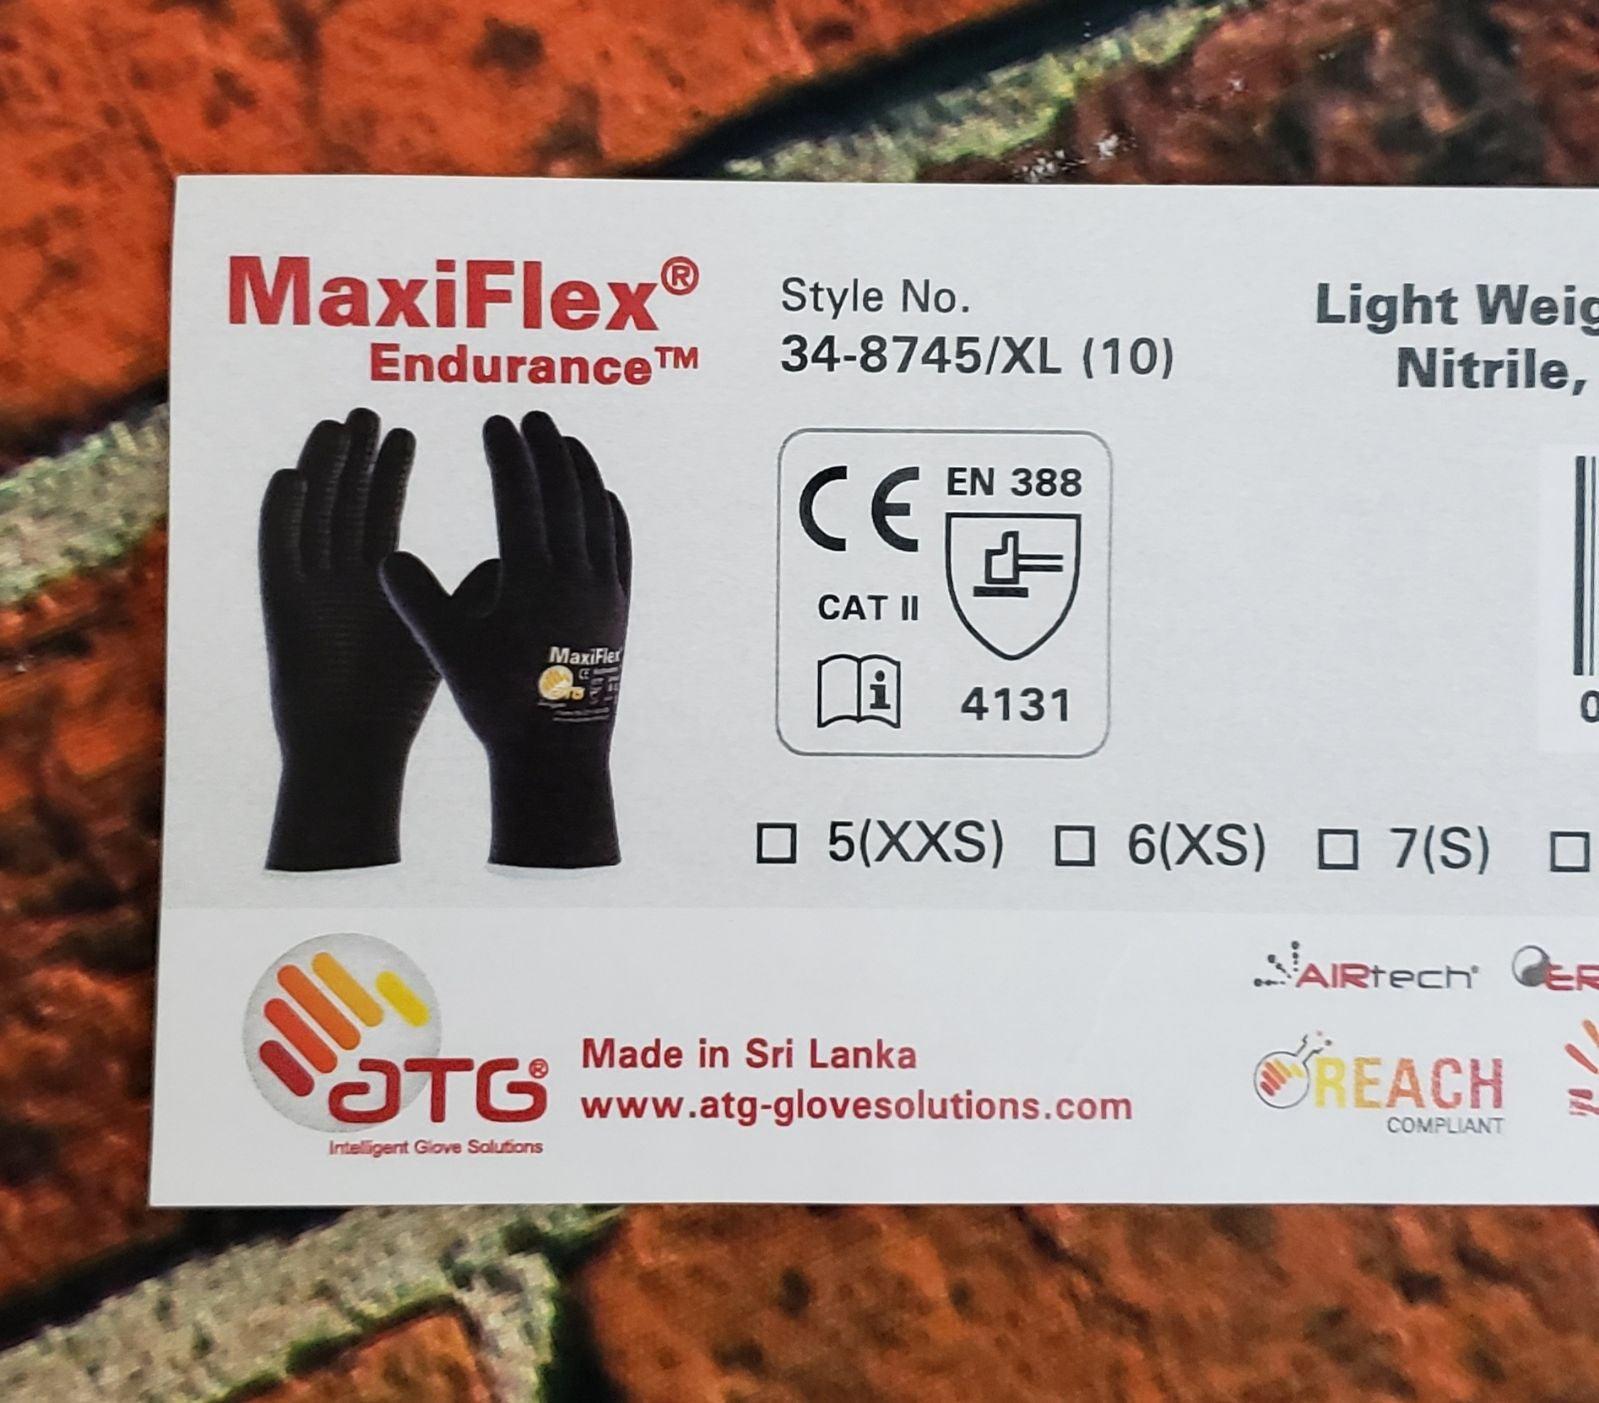 New MaxiFlex® Nylon Glove 4 Pairs